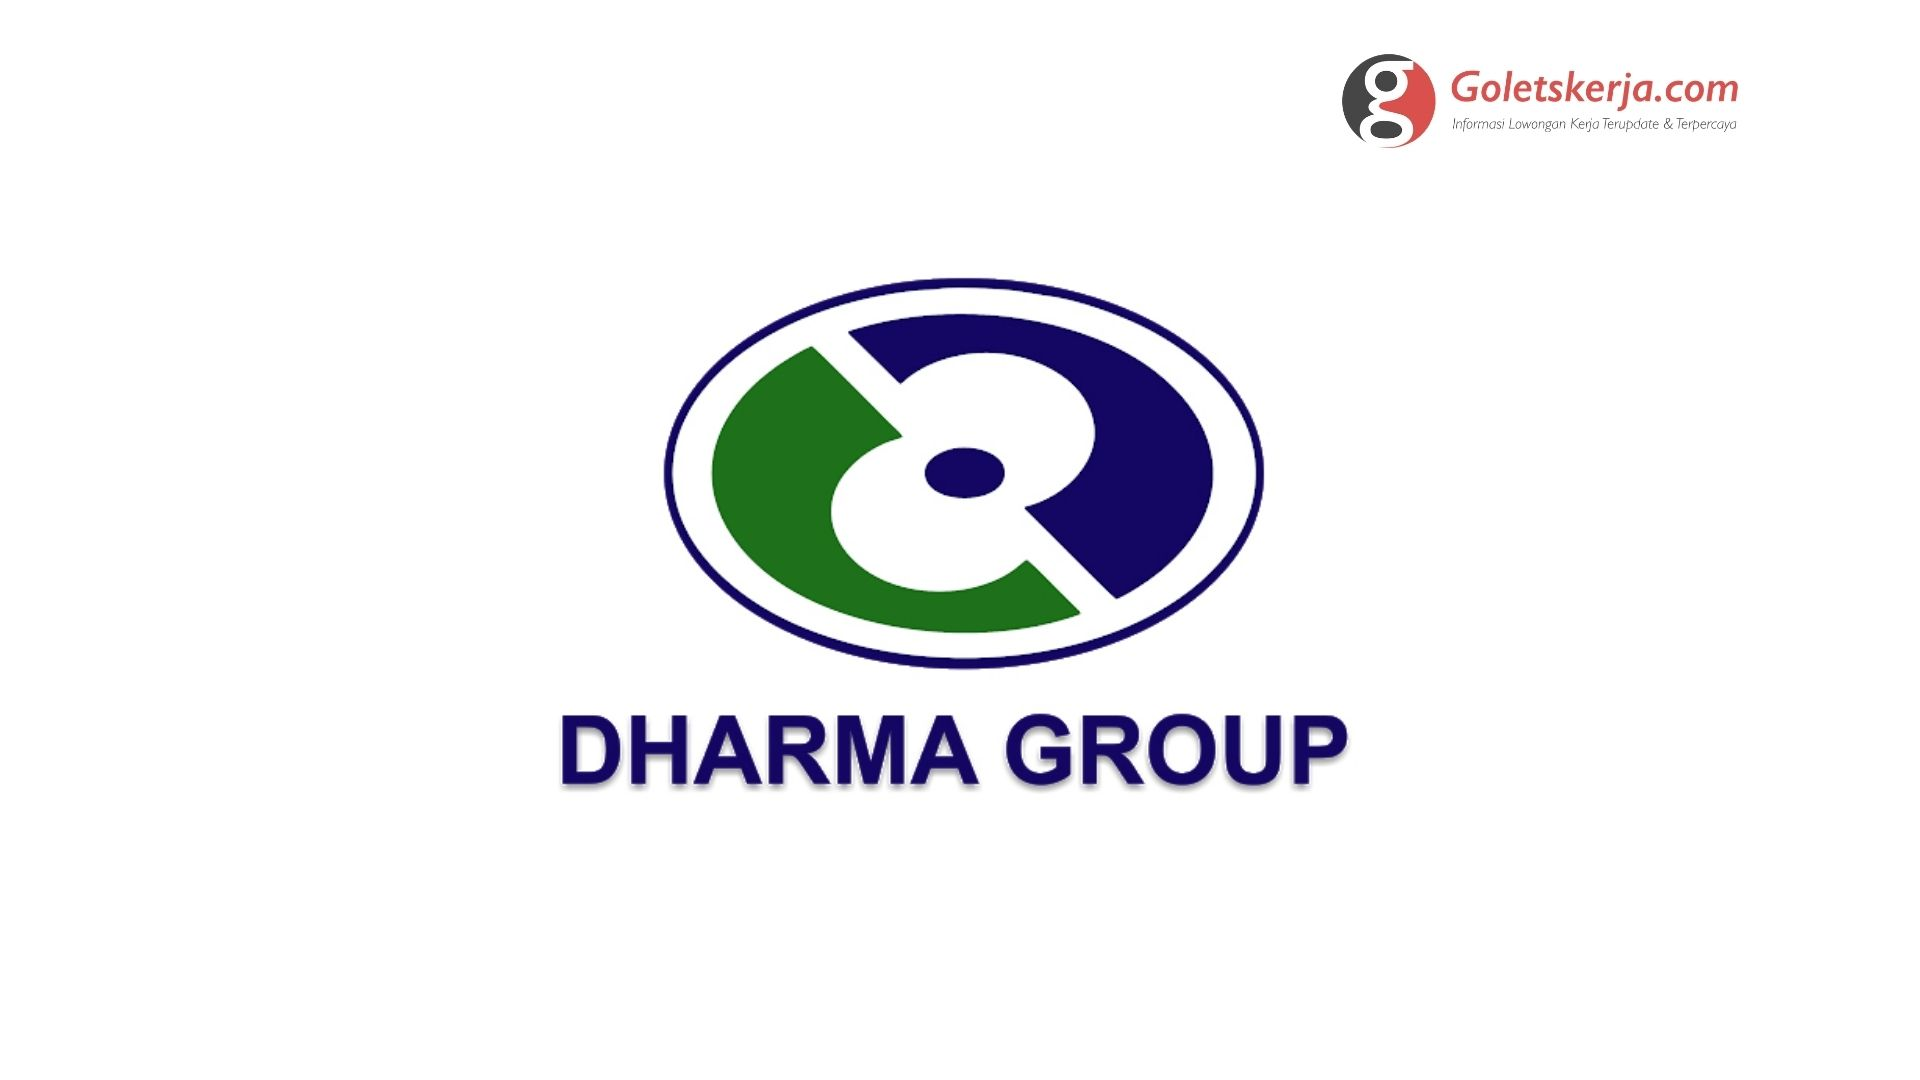 Lowongan Kerja PT Dharma Group | Terbaru 2021